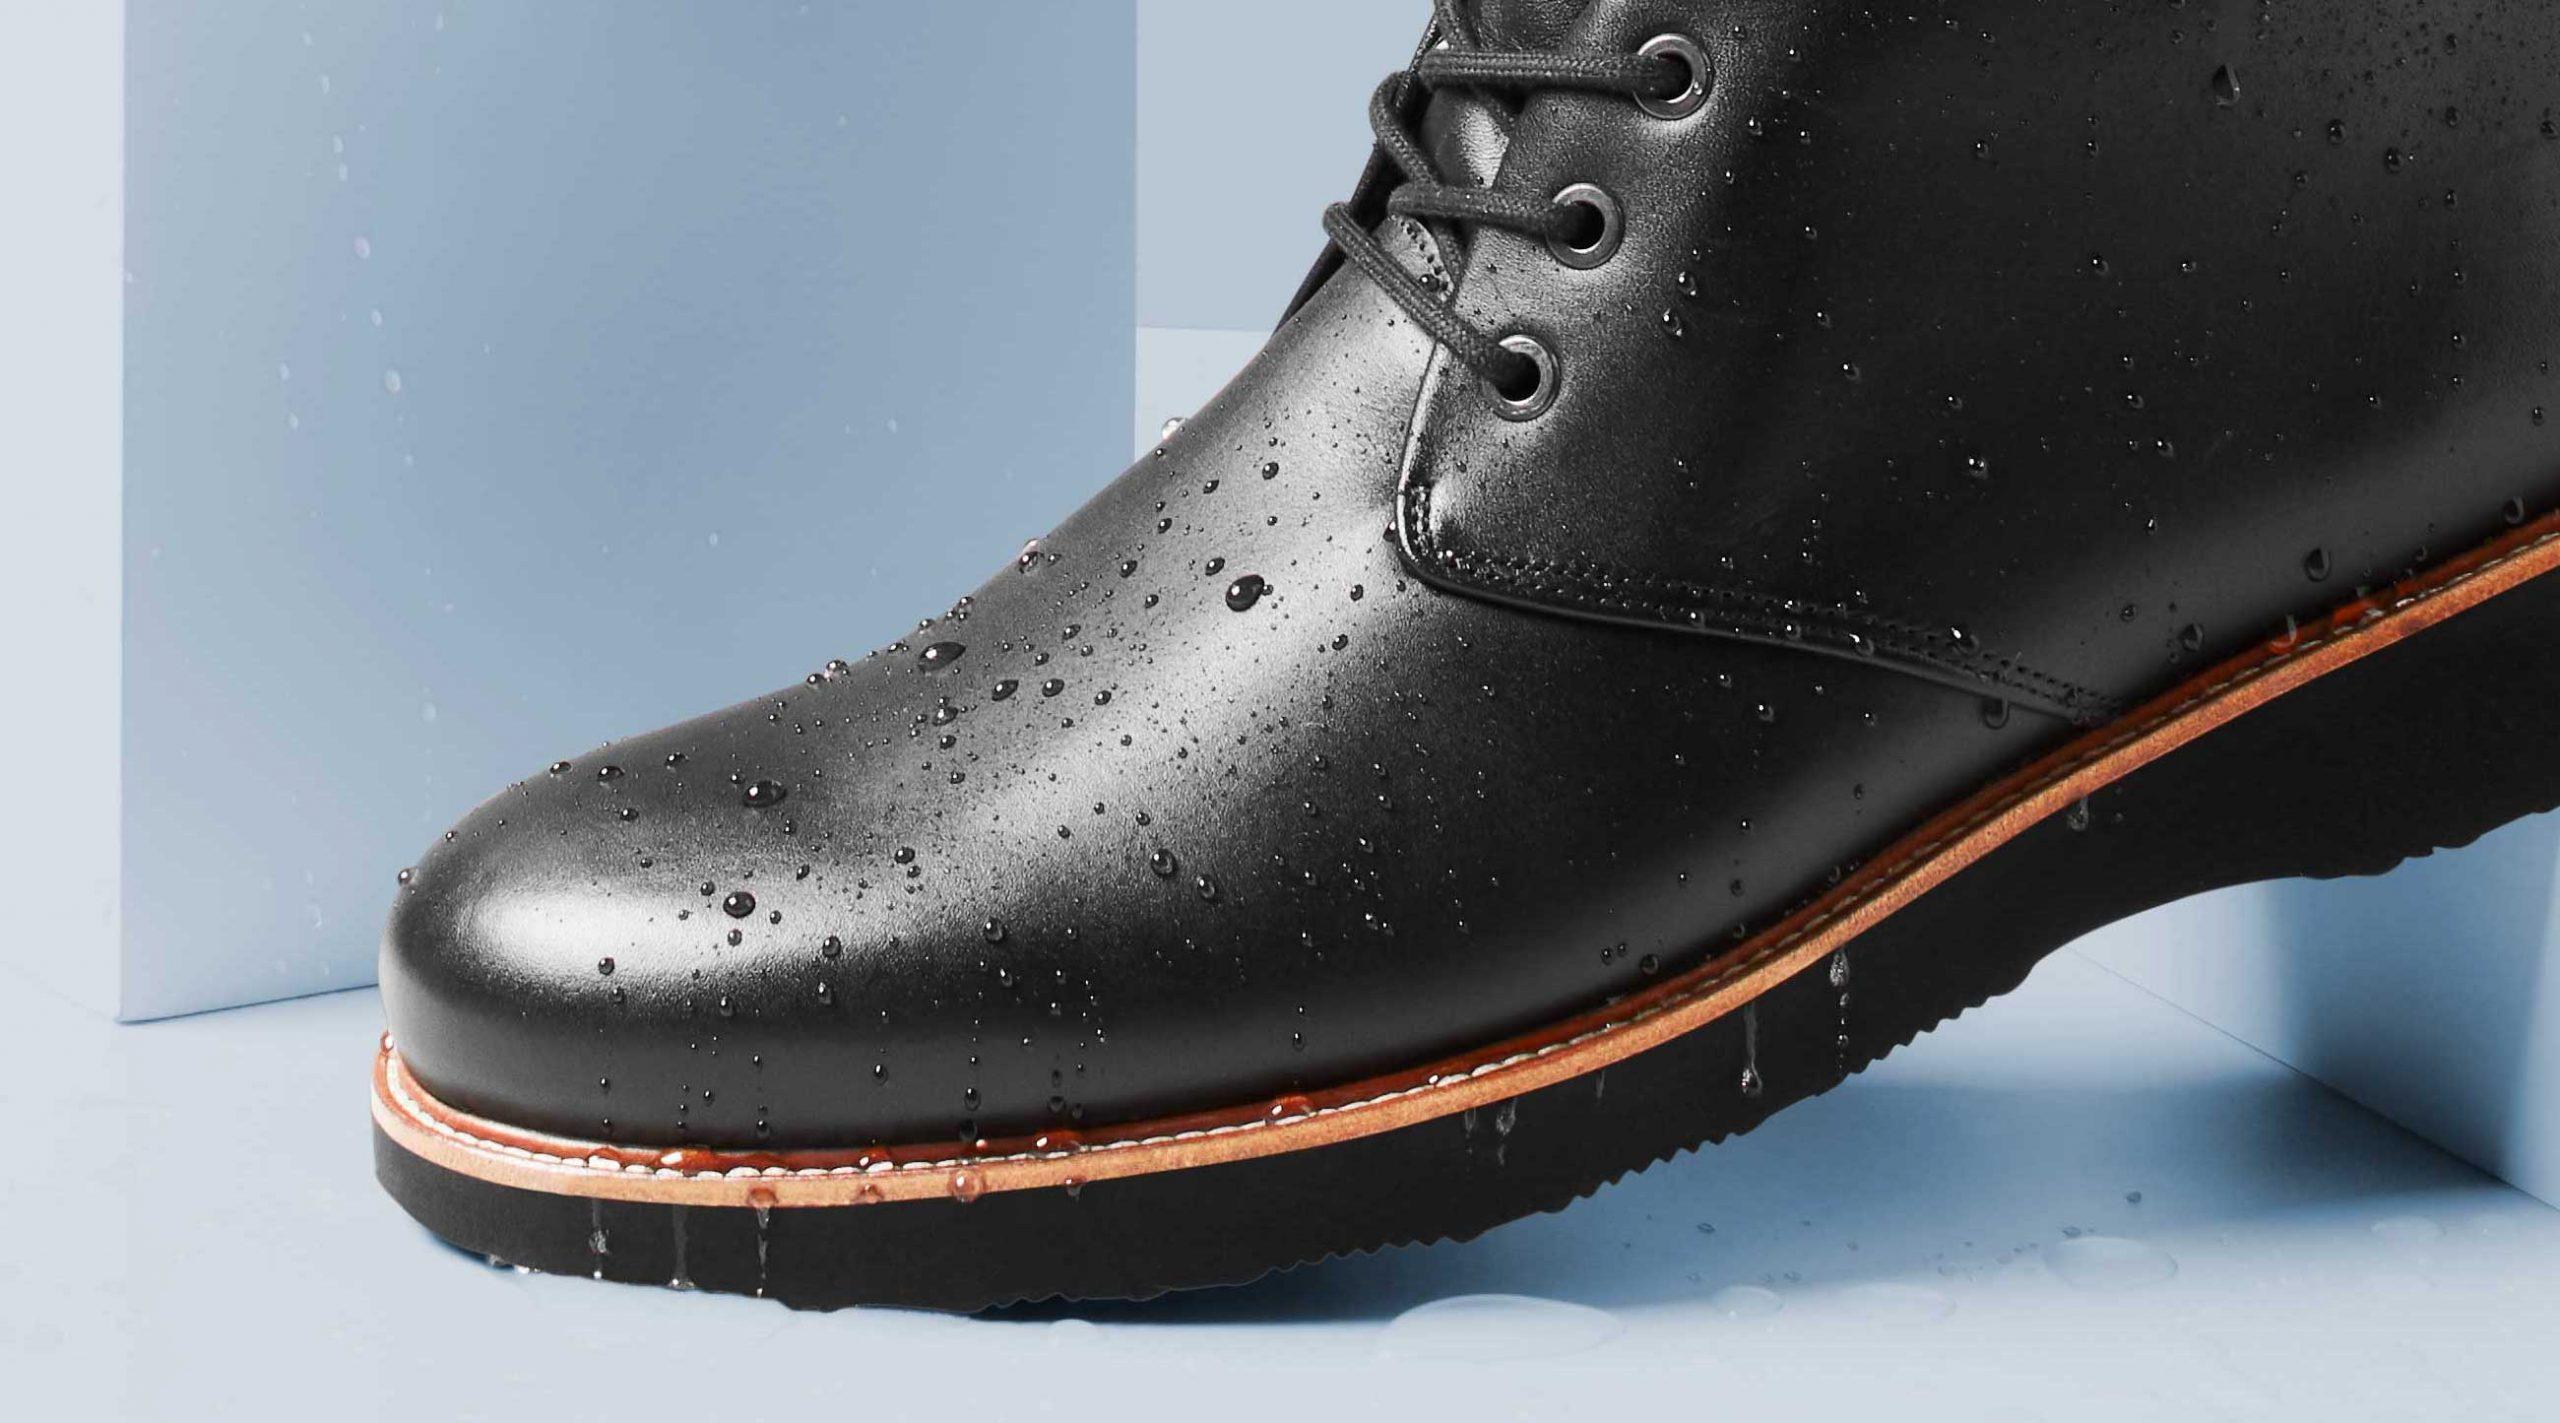 کفش های چرمی مردانه و براق